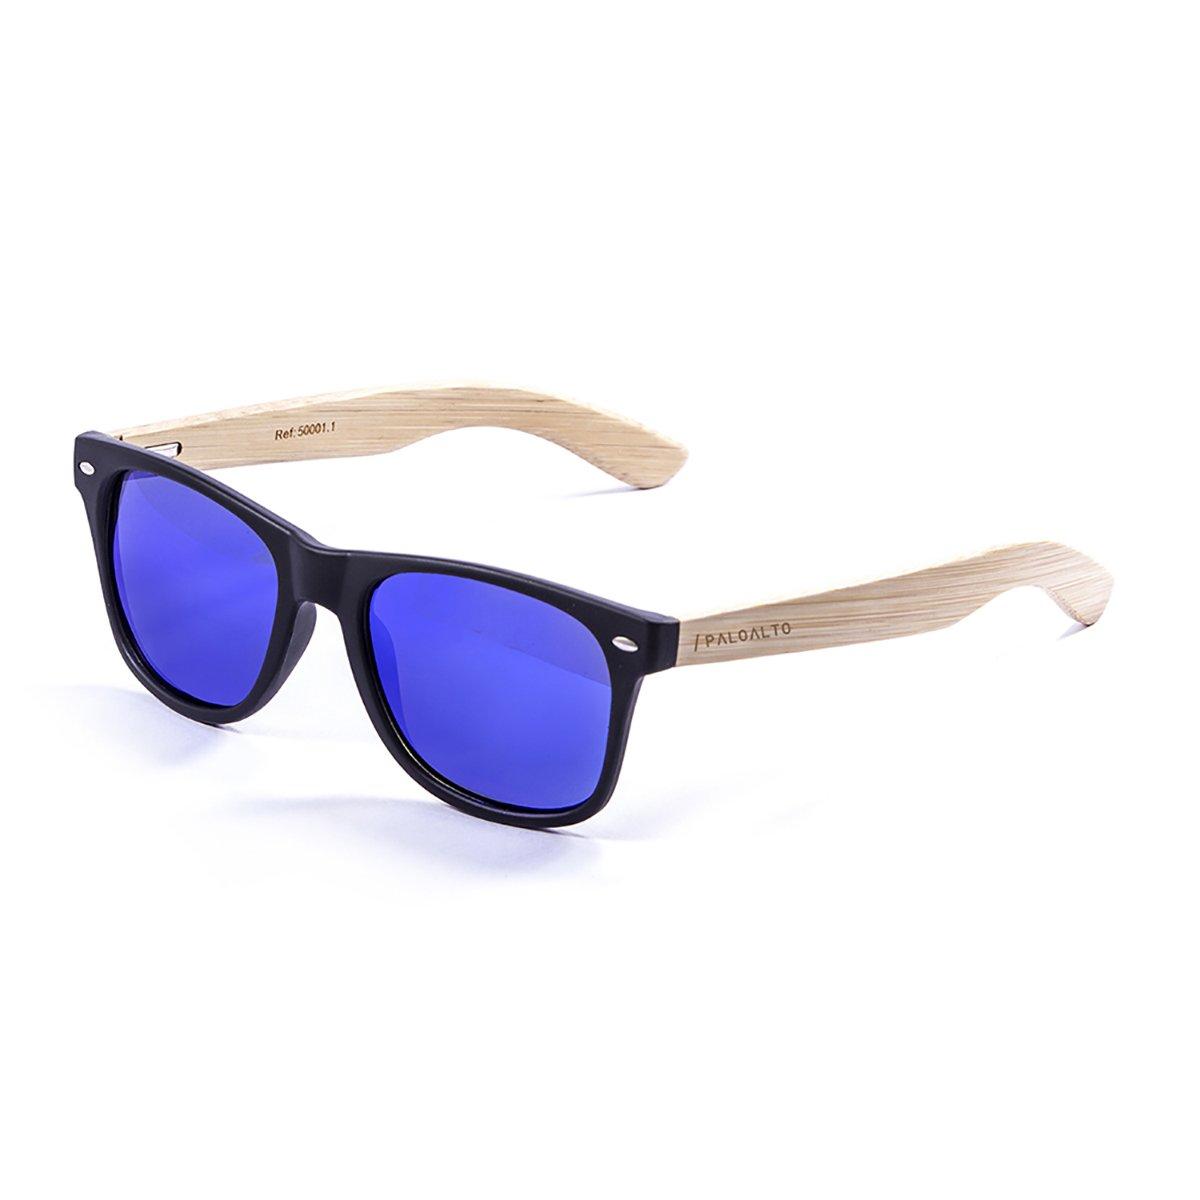 PALOALTO - Gafas de sol Nob Hill negro, natural - P50001.1 ...